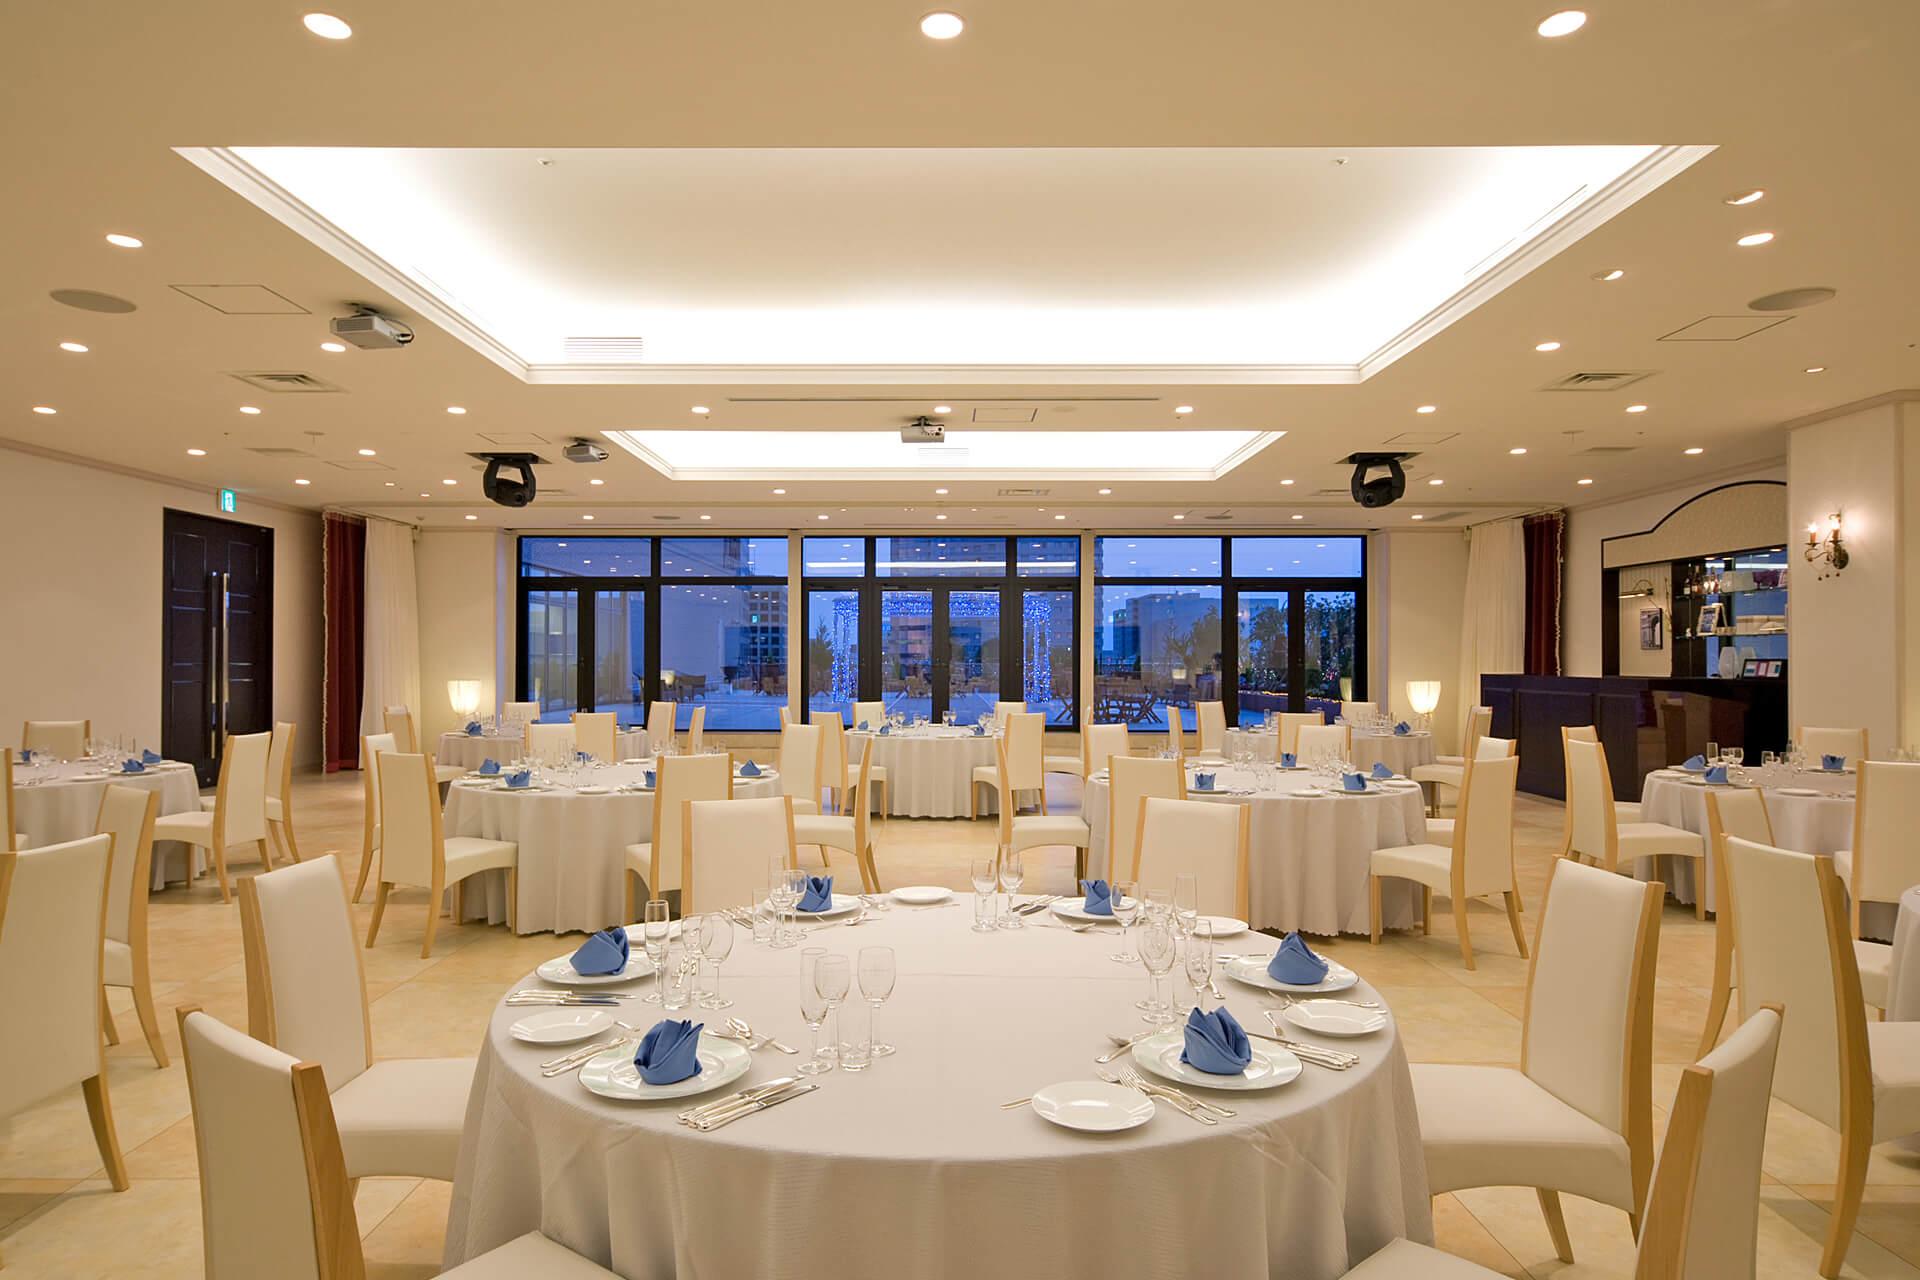 フロア貸切のホテルウェディング【公式】ホテル金沢|金沢のご宿泊ブライダル